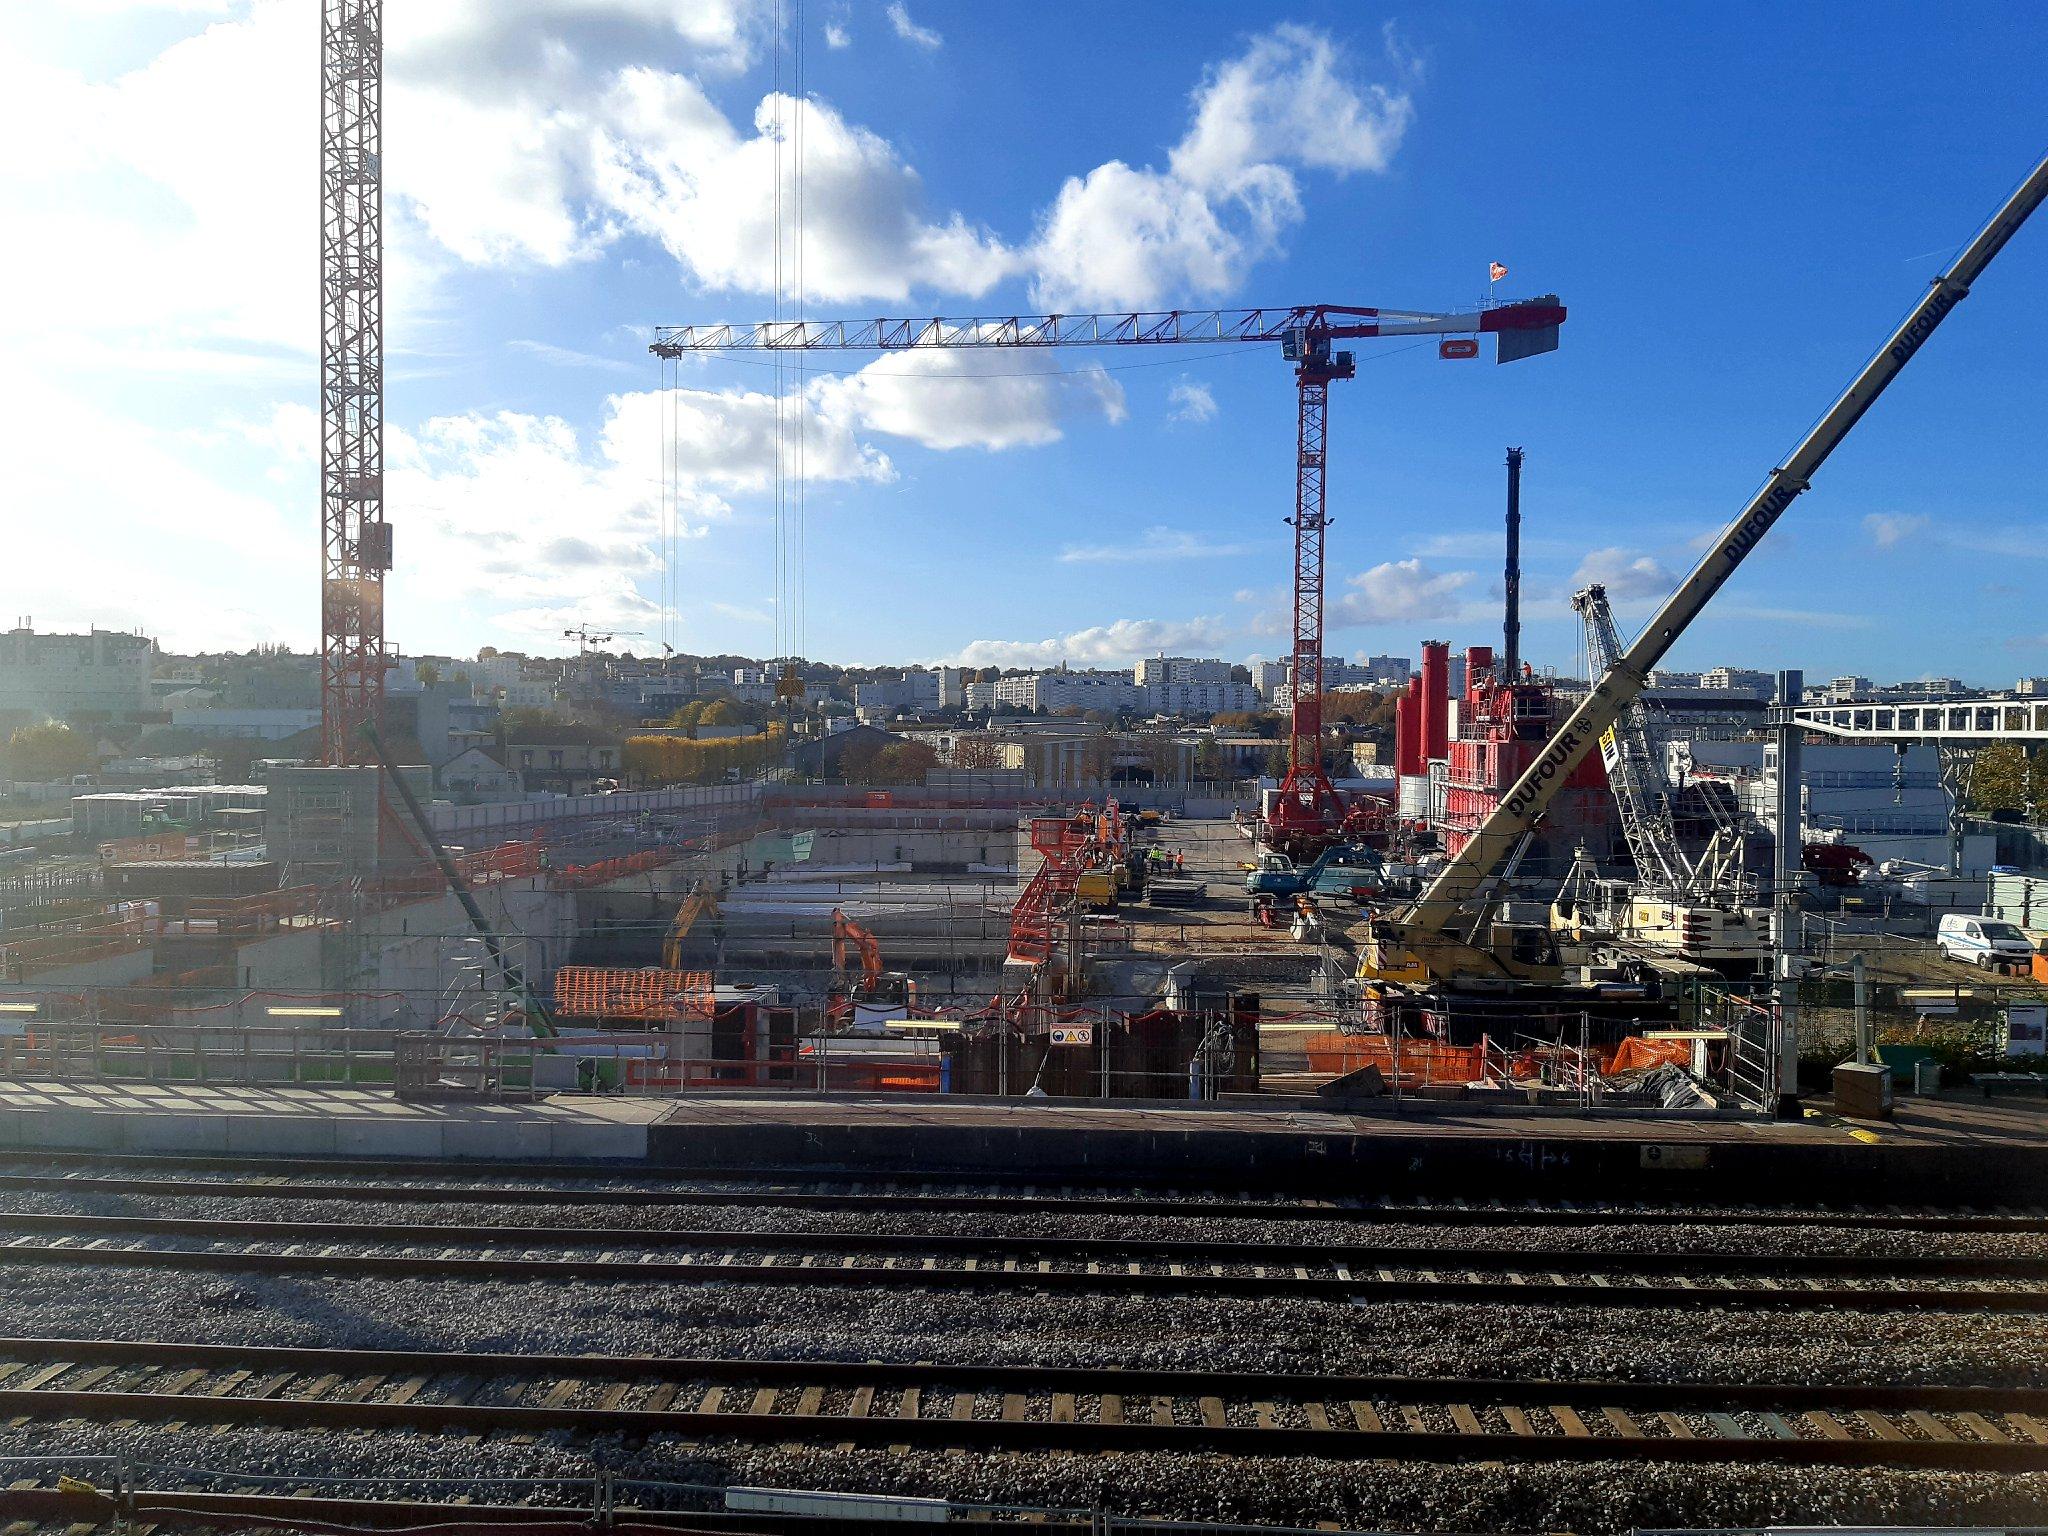 Visite du Chantier de la Gare des Ardoines sur @RERC_SNCF dans le cadre du projet Grand Paris Express. Les travaux pour l'installation des escaliers mécanique, des ascenseurs ainsi que l'élargissement des quais (d'environ 6m) sont en cours. #LeReseauAvanceIDF https://t.co/eRxqJYXPpU